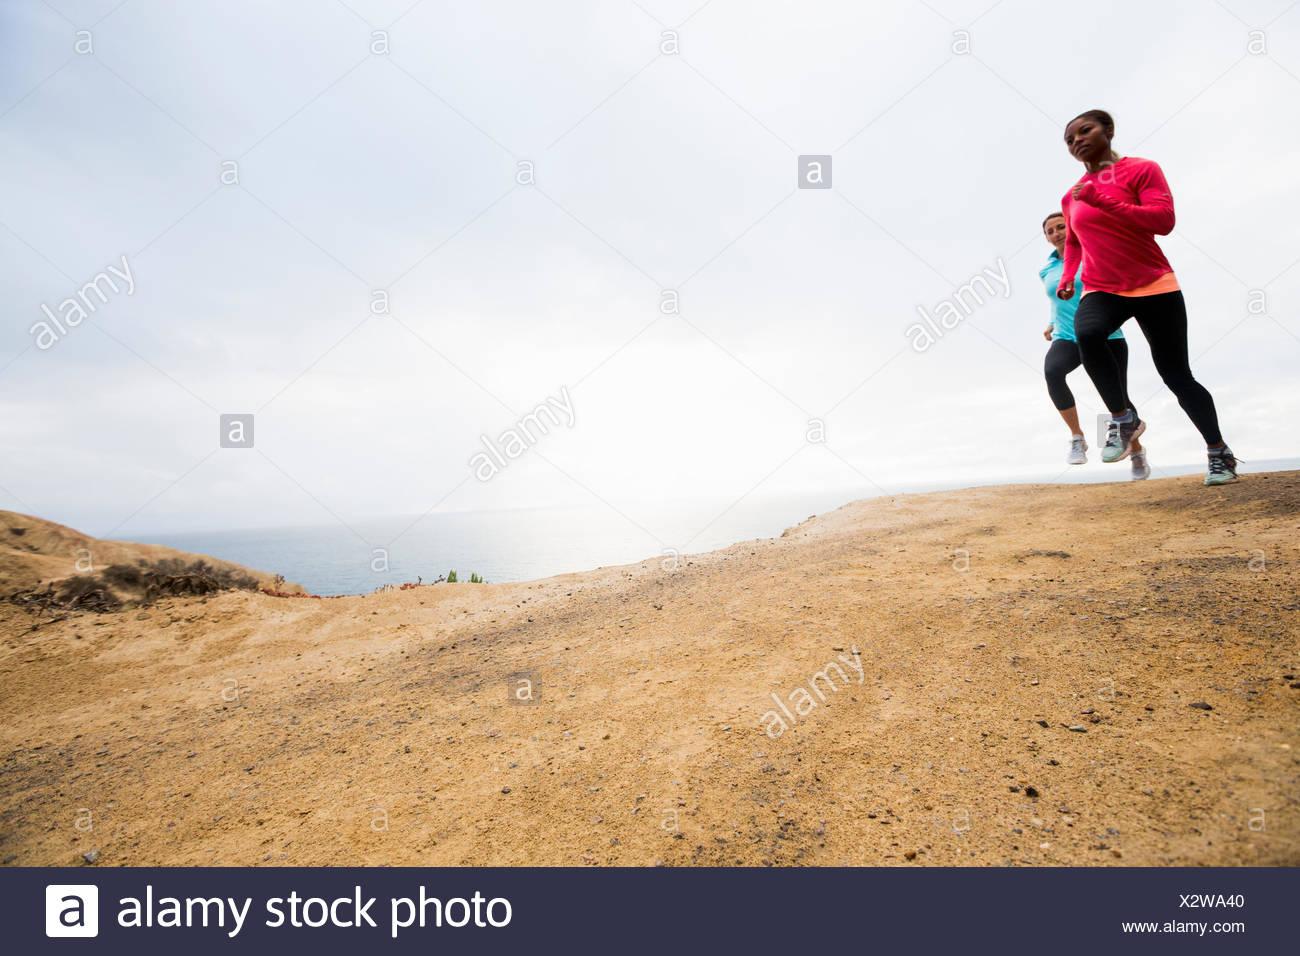 Dos mujeres a lo largo de la costa de jogging fitness Imagen De Stock